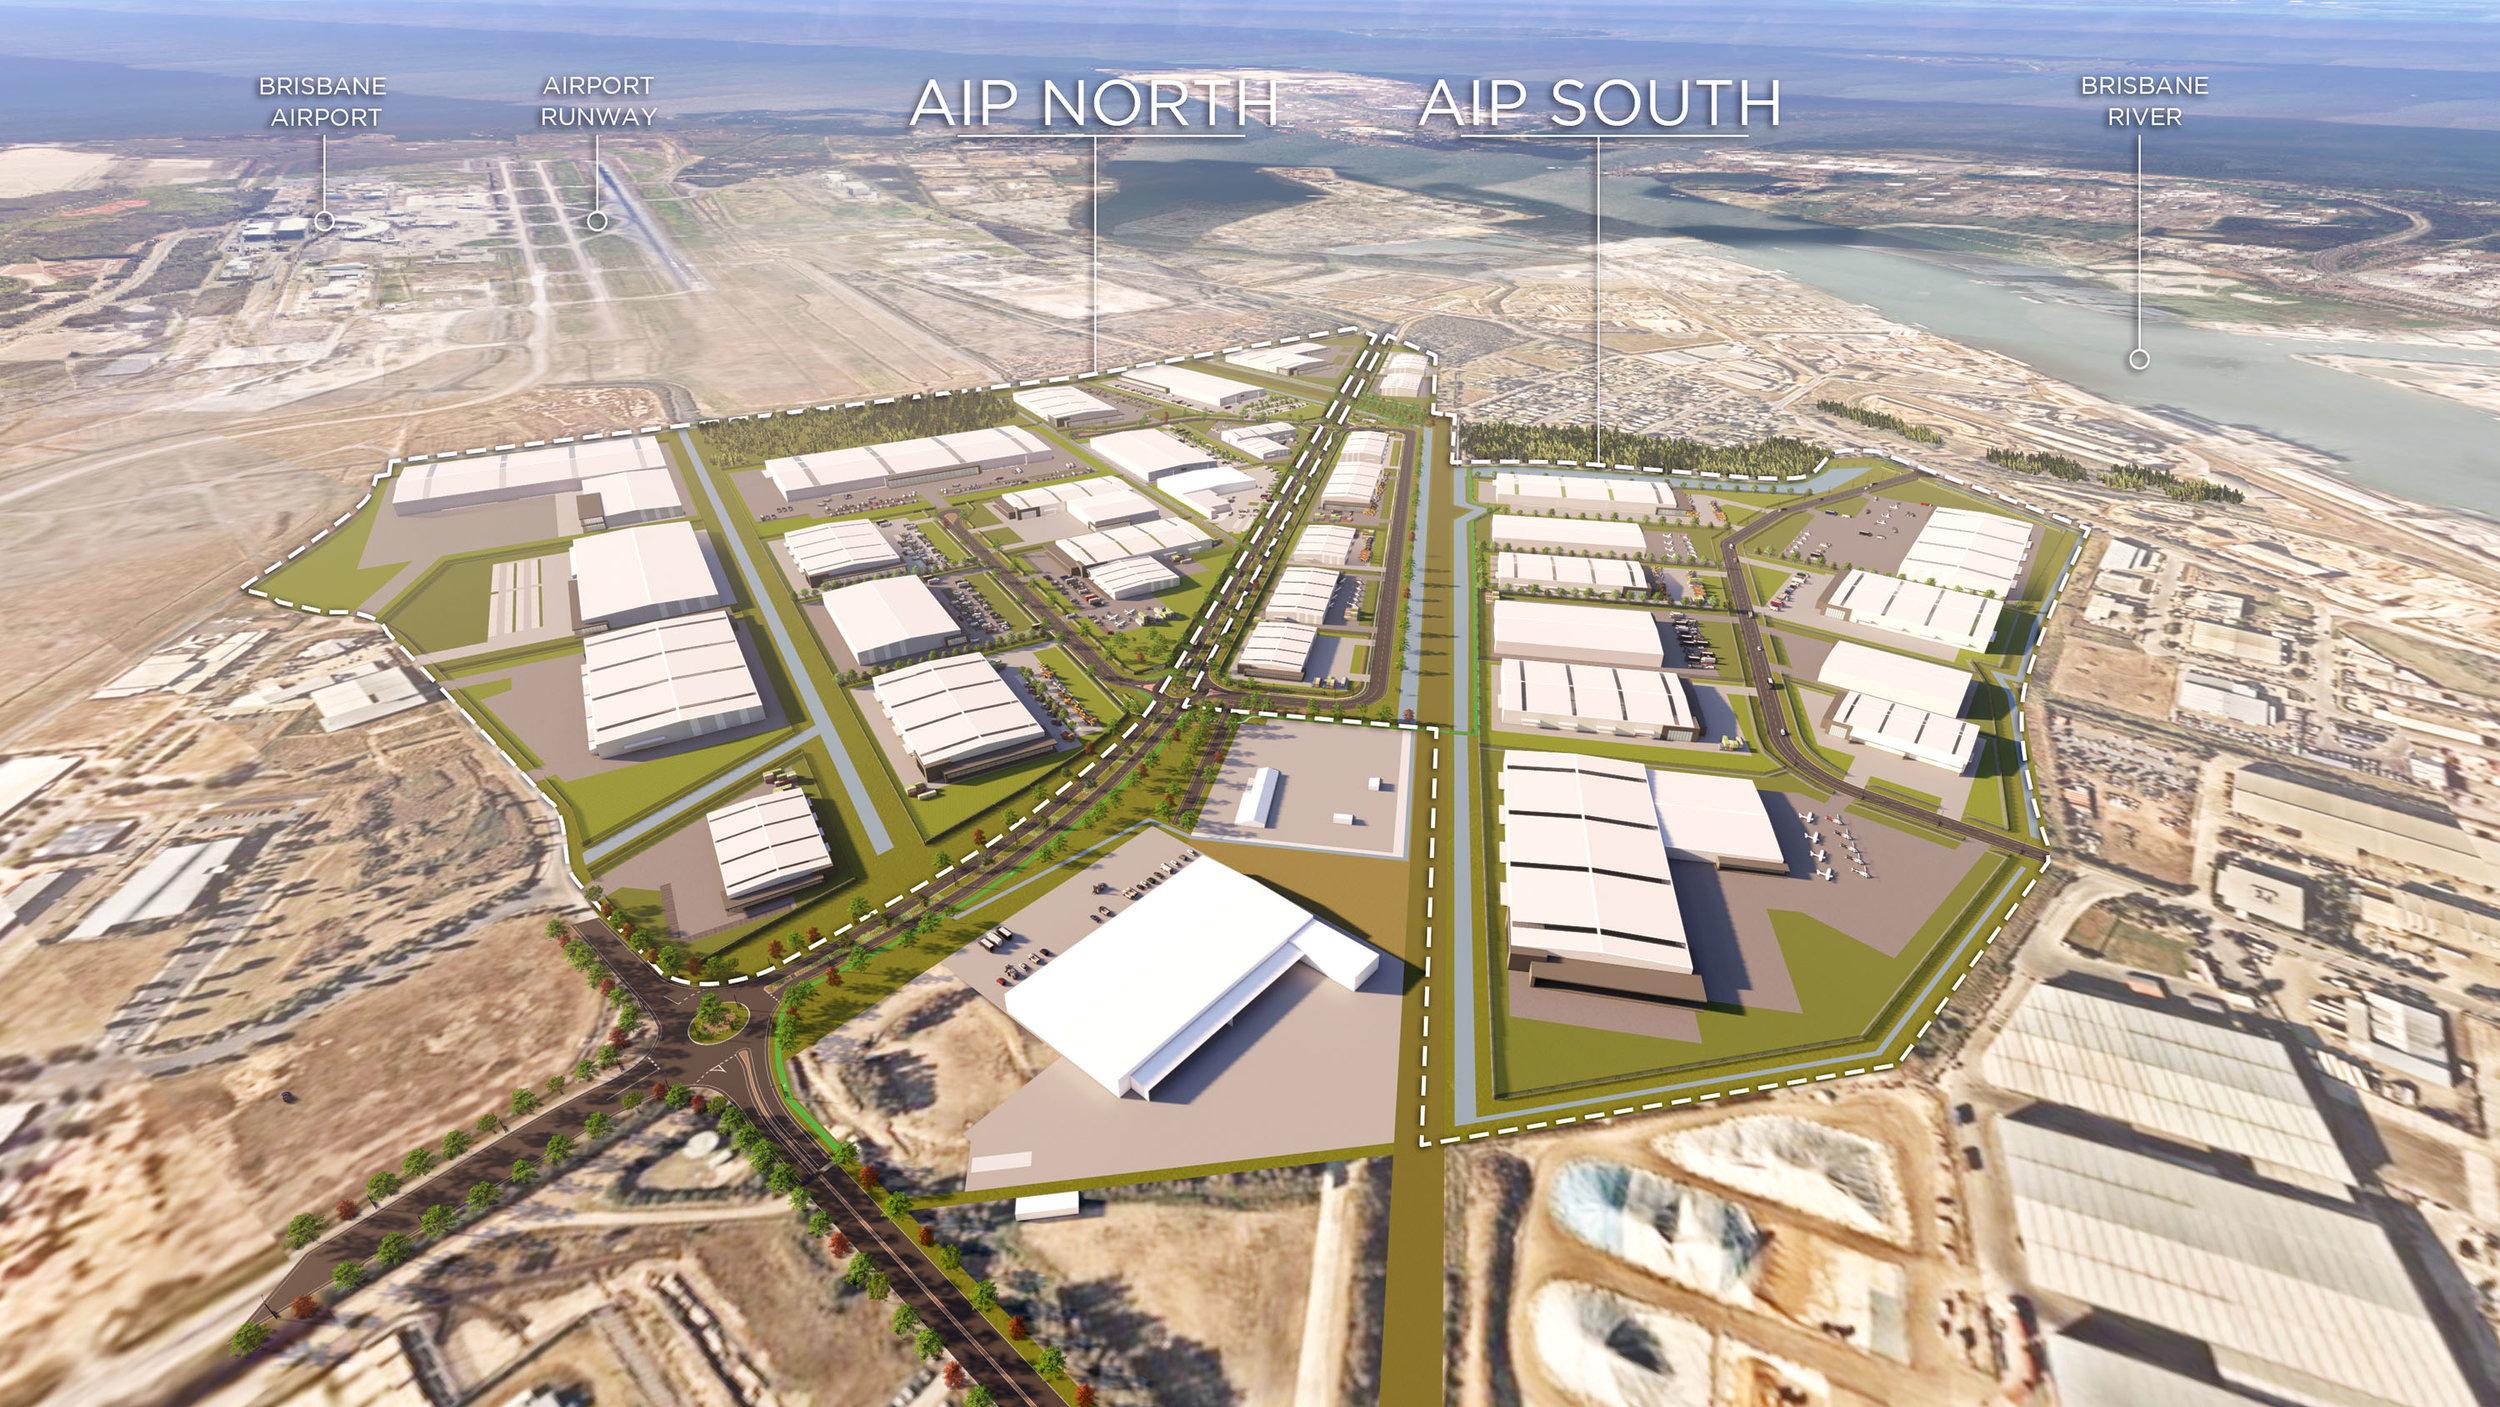 mode-design-bac-airport-master-plan-01.jpg